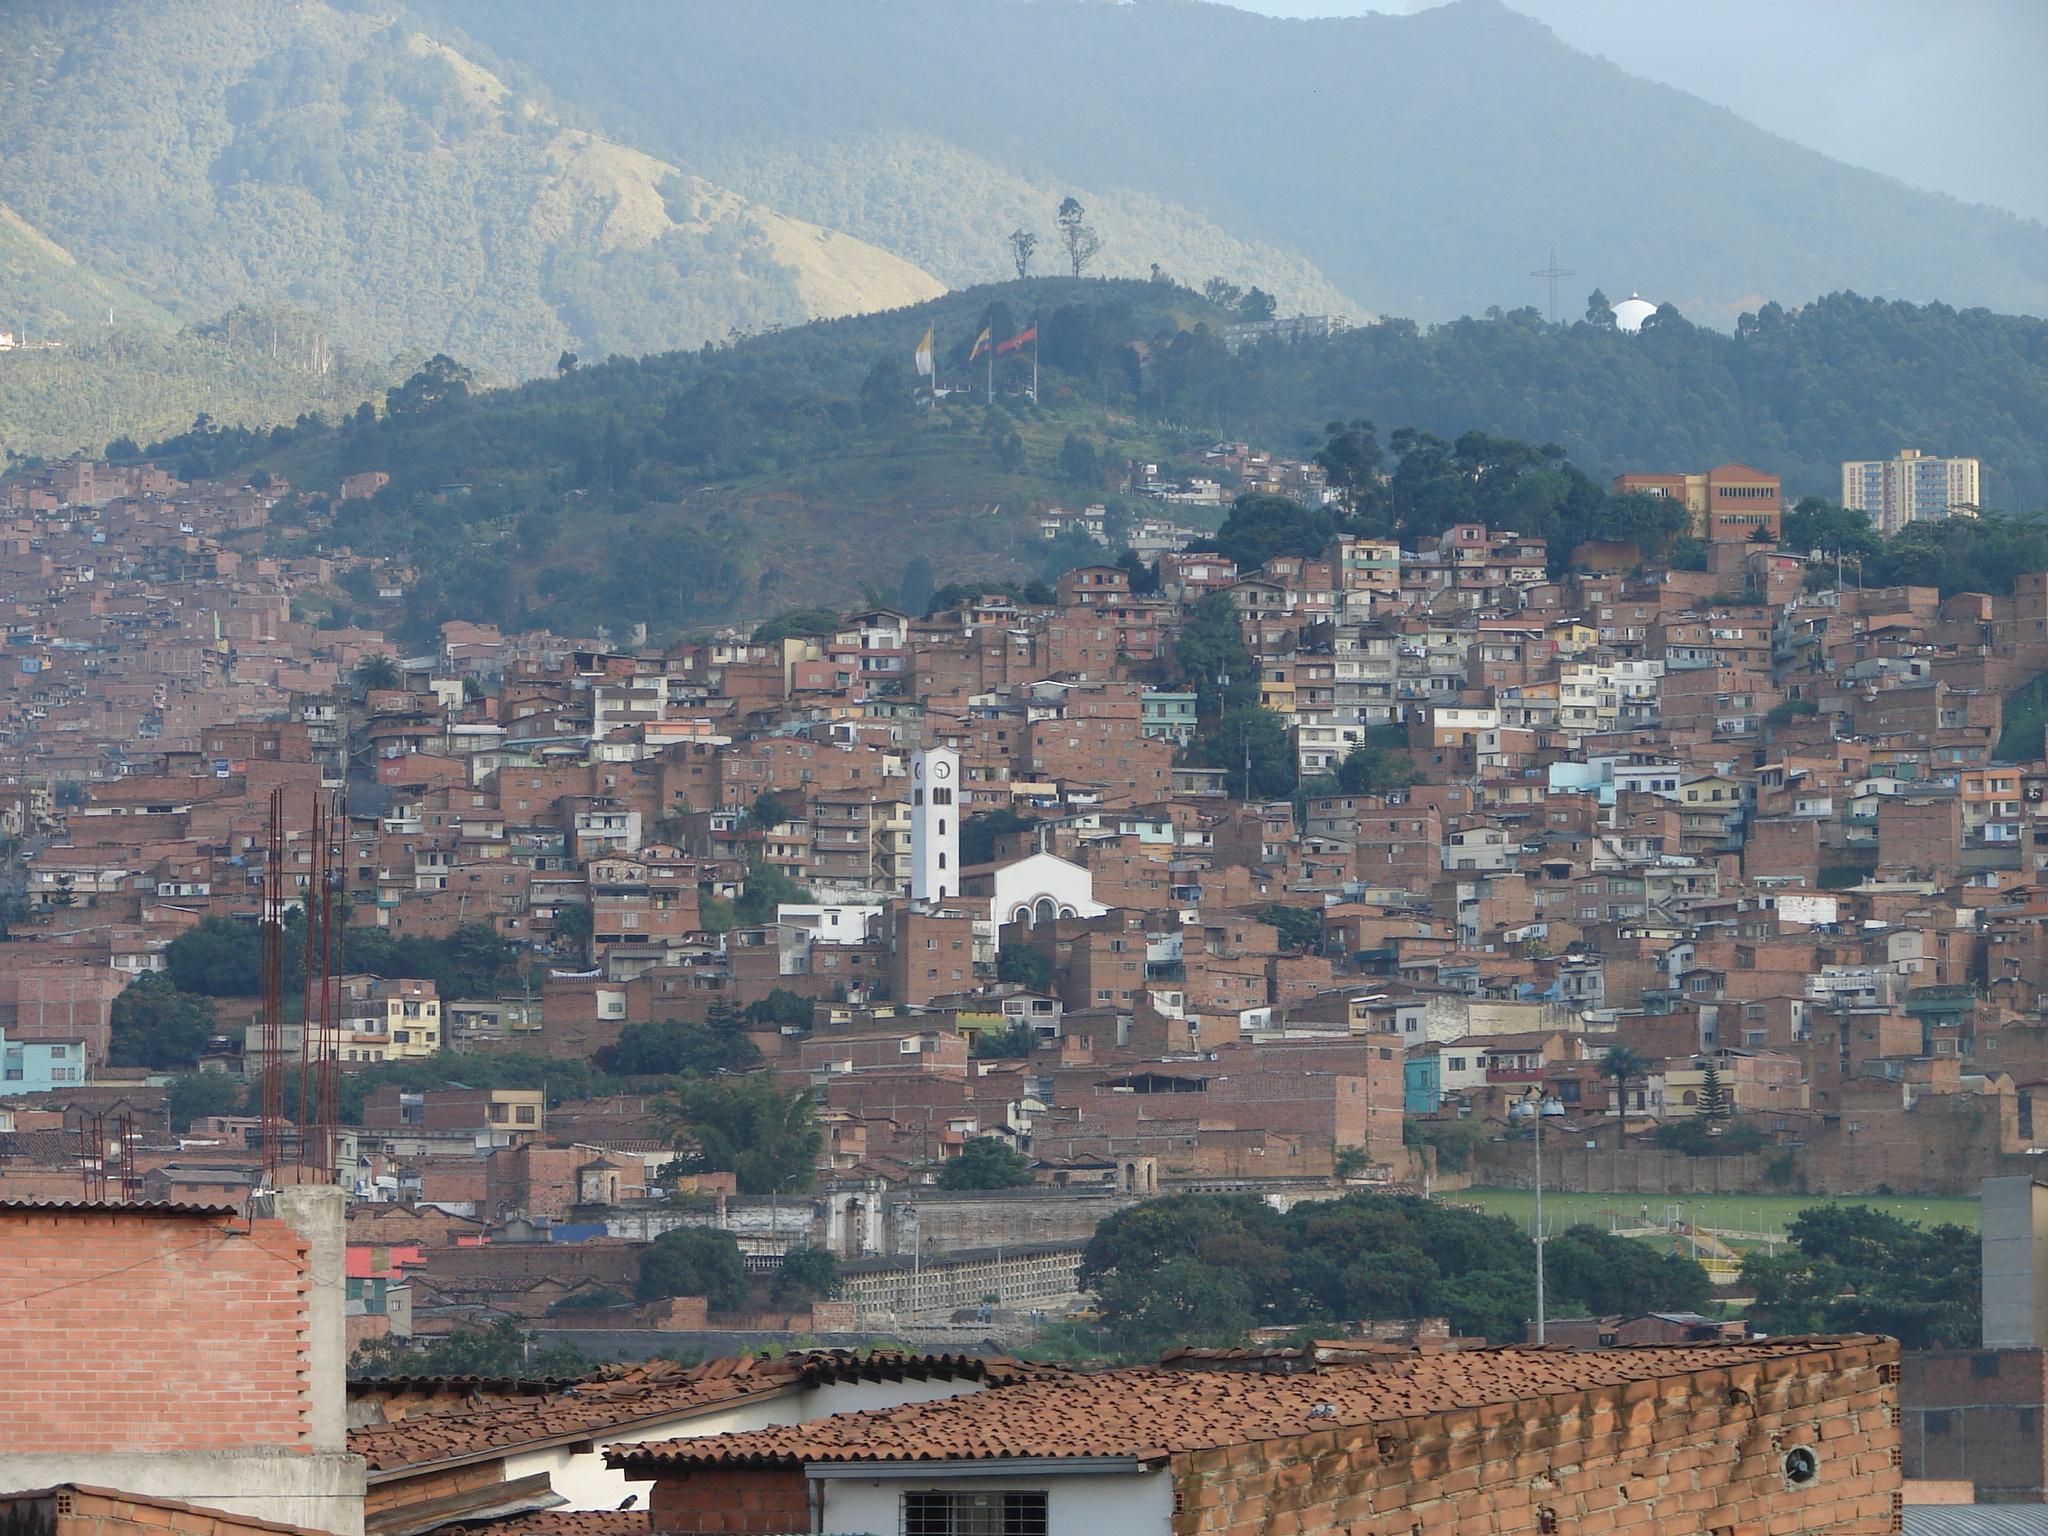 Medellin Antioquia Colombia